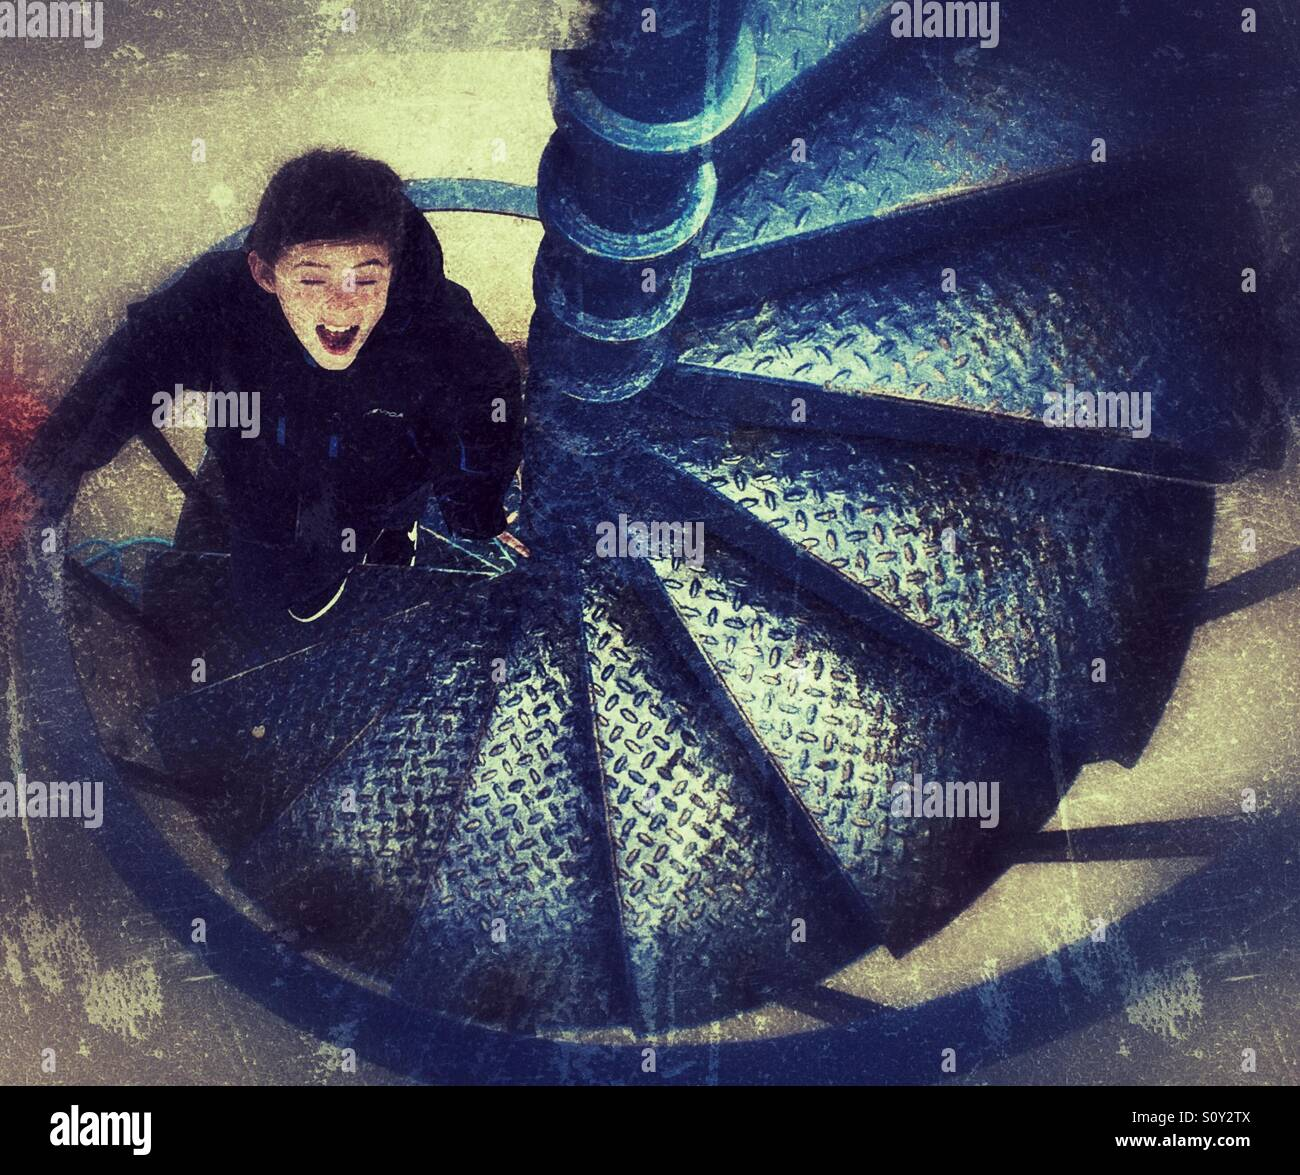 Chiudere gli occhi. Ragazzo giovane salire a piedi a gradini di metallo . Foto Stock